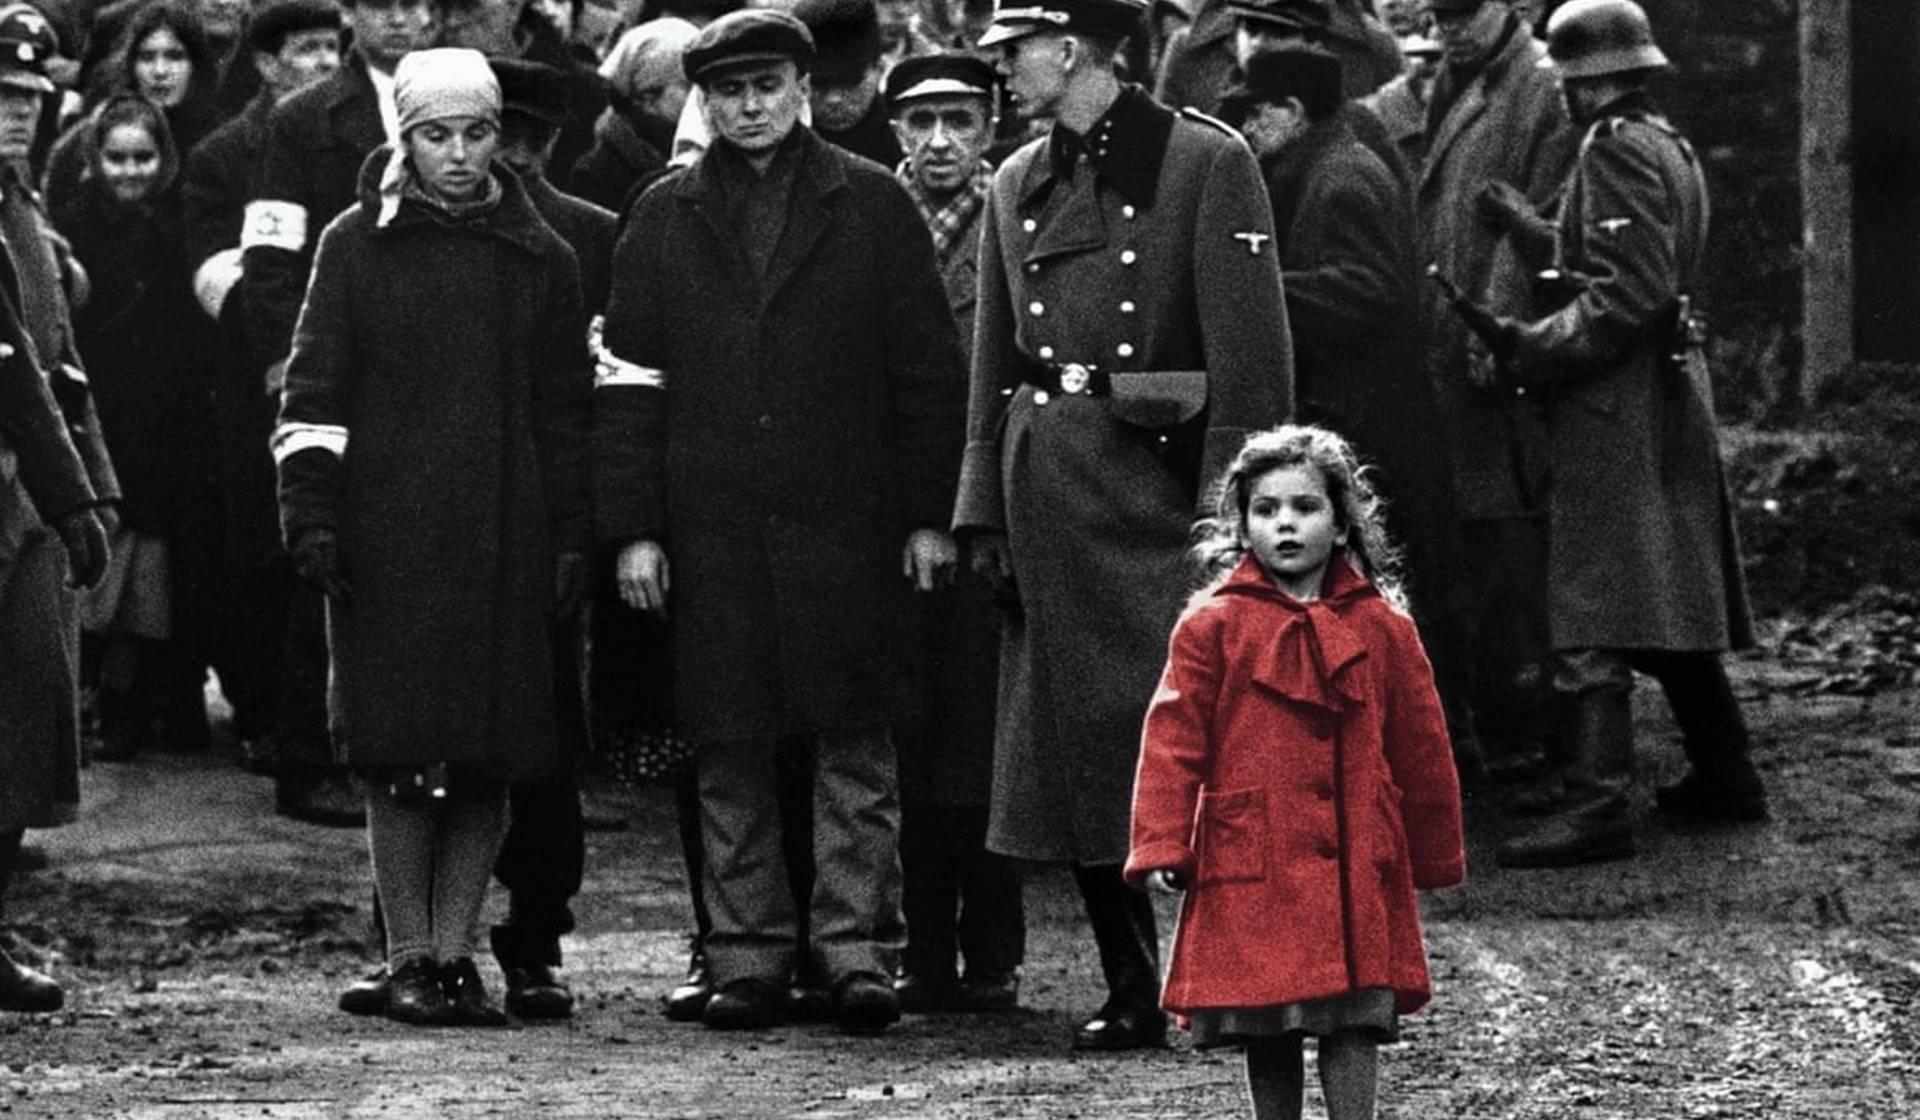 Crítica de Furius Fan de La lista de Schindler de Steven Spielberg